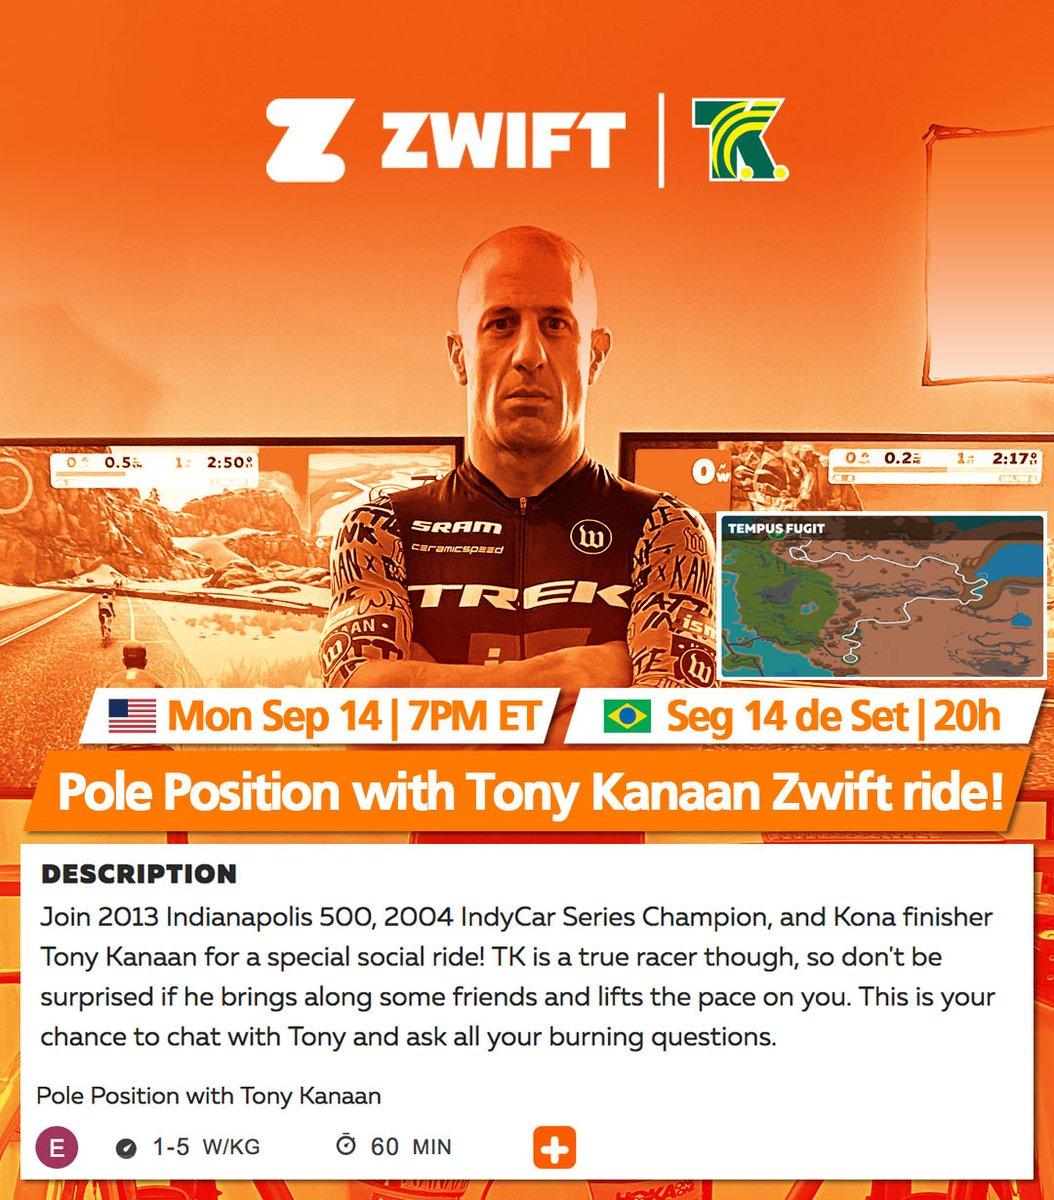 🇧🇷 Segunda é dia de ride no @GoZwift @GoZwiftTri! Bora pedalar às 👉🏻 20h do 🇧🇷. Adicione pelo companion app ou direto pelo site 👉🏻 https://t.co/FzyqX6nom8 https://t.co/DR4z6auTfJ